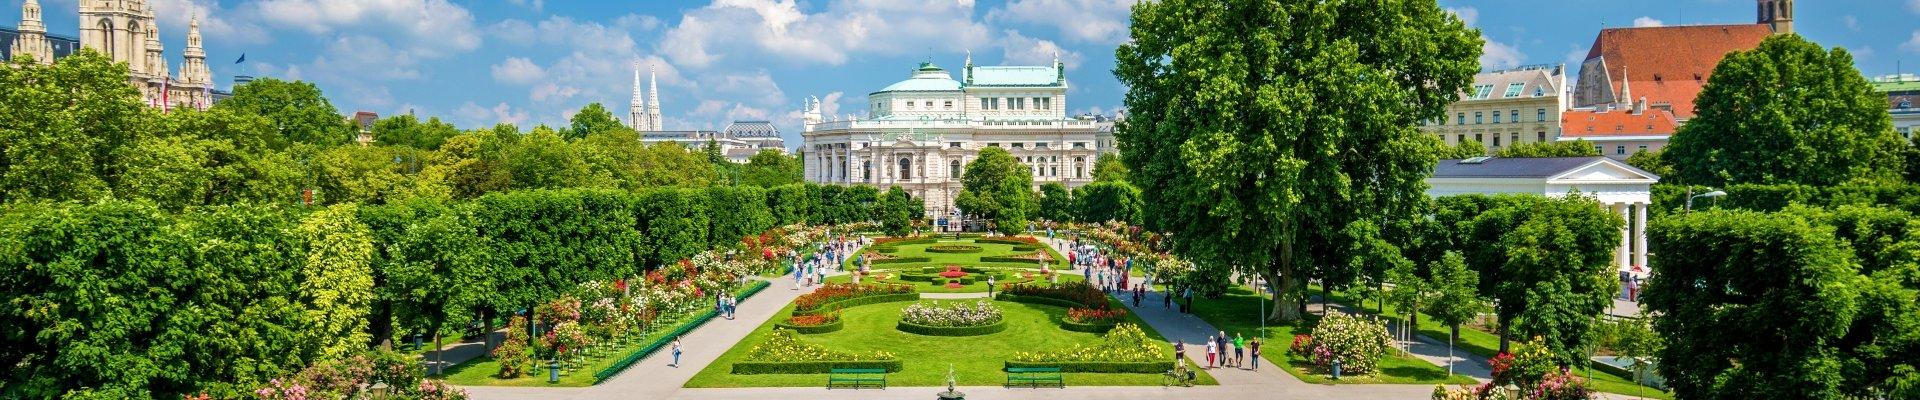 00000096567_Volksgarten-in-Wien_Oesterreich-Werbung_Julius-Silver.jpg